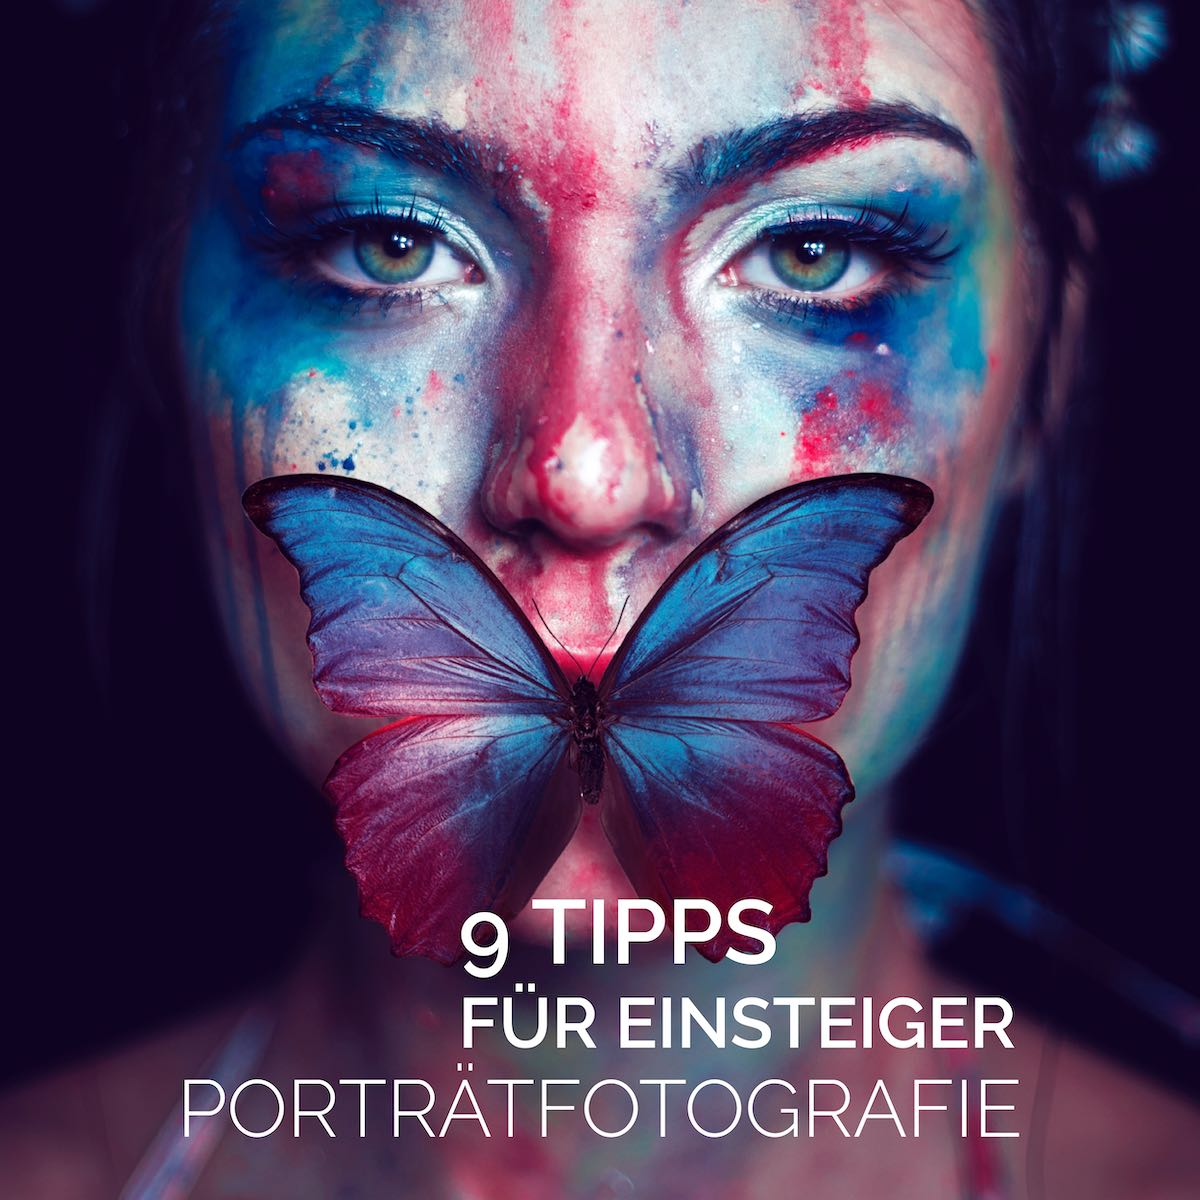 geschmacksRaum_WERBEAGENTUR_Die_Portraetfotografie-9_Tipps_fuer_Einsteiger-f